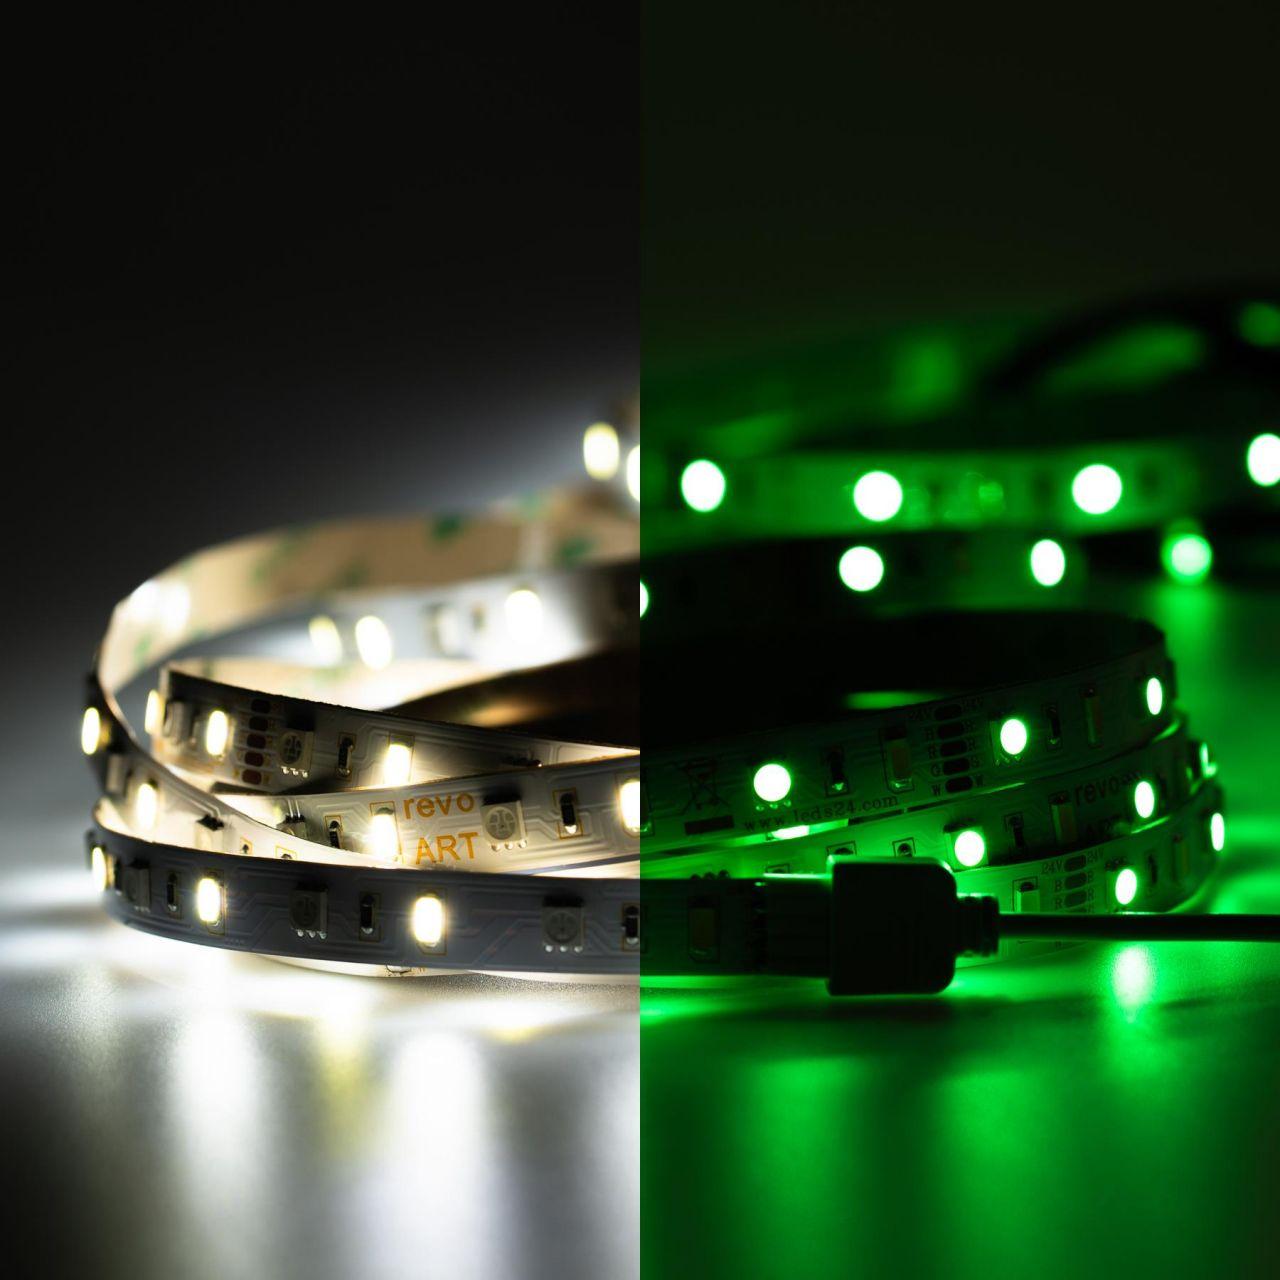 24V LED Streifen – RGBW – 60 LEDs je Meter – alle 16,7cm teilbar